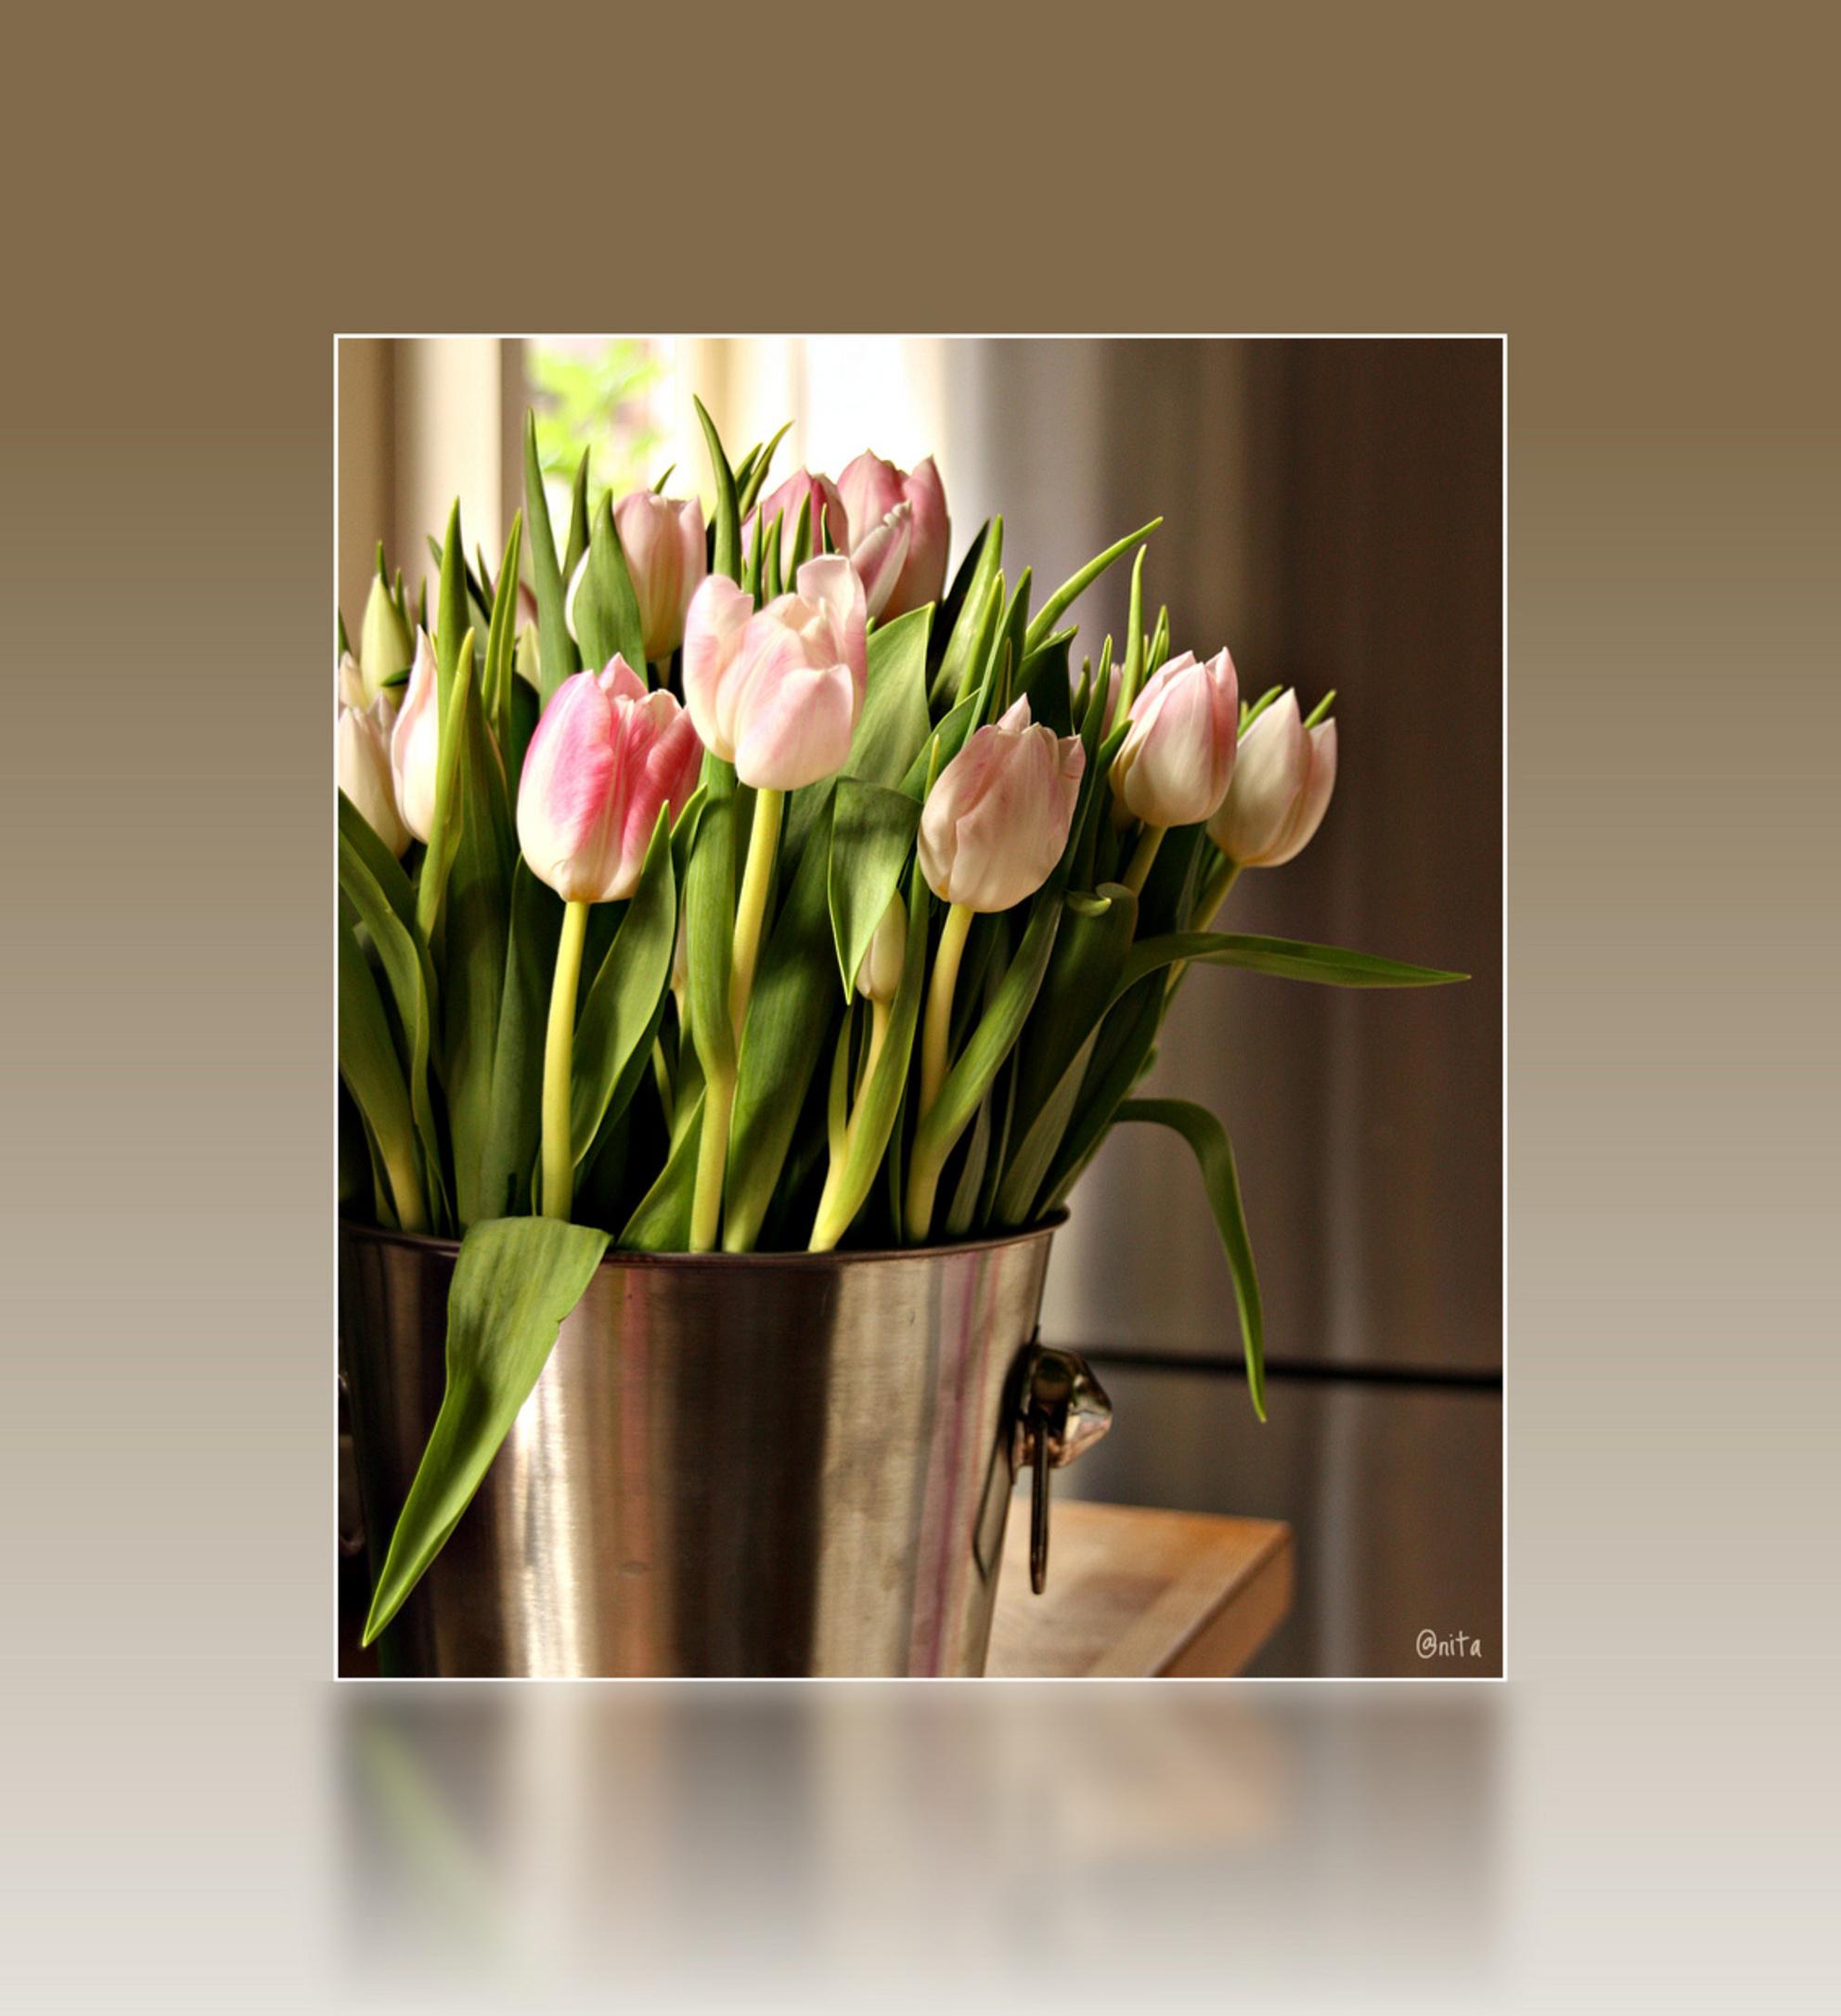 't zonnetje in huis - Gisteren was mijn schoonvader zoals elke zaterdagochtend weer naar de markt geweest en hij nam een grote bos tulpen voor me mee. Laten dat nou mijn f - foto door anitavd op 29-01-2012 - deze foto bevat: tulpen, bloemen - Deze foto mag gebruikt worden in een Zoom.nl publicatie